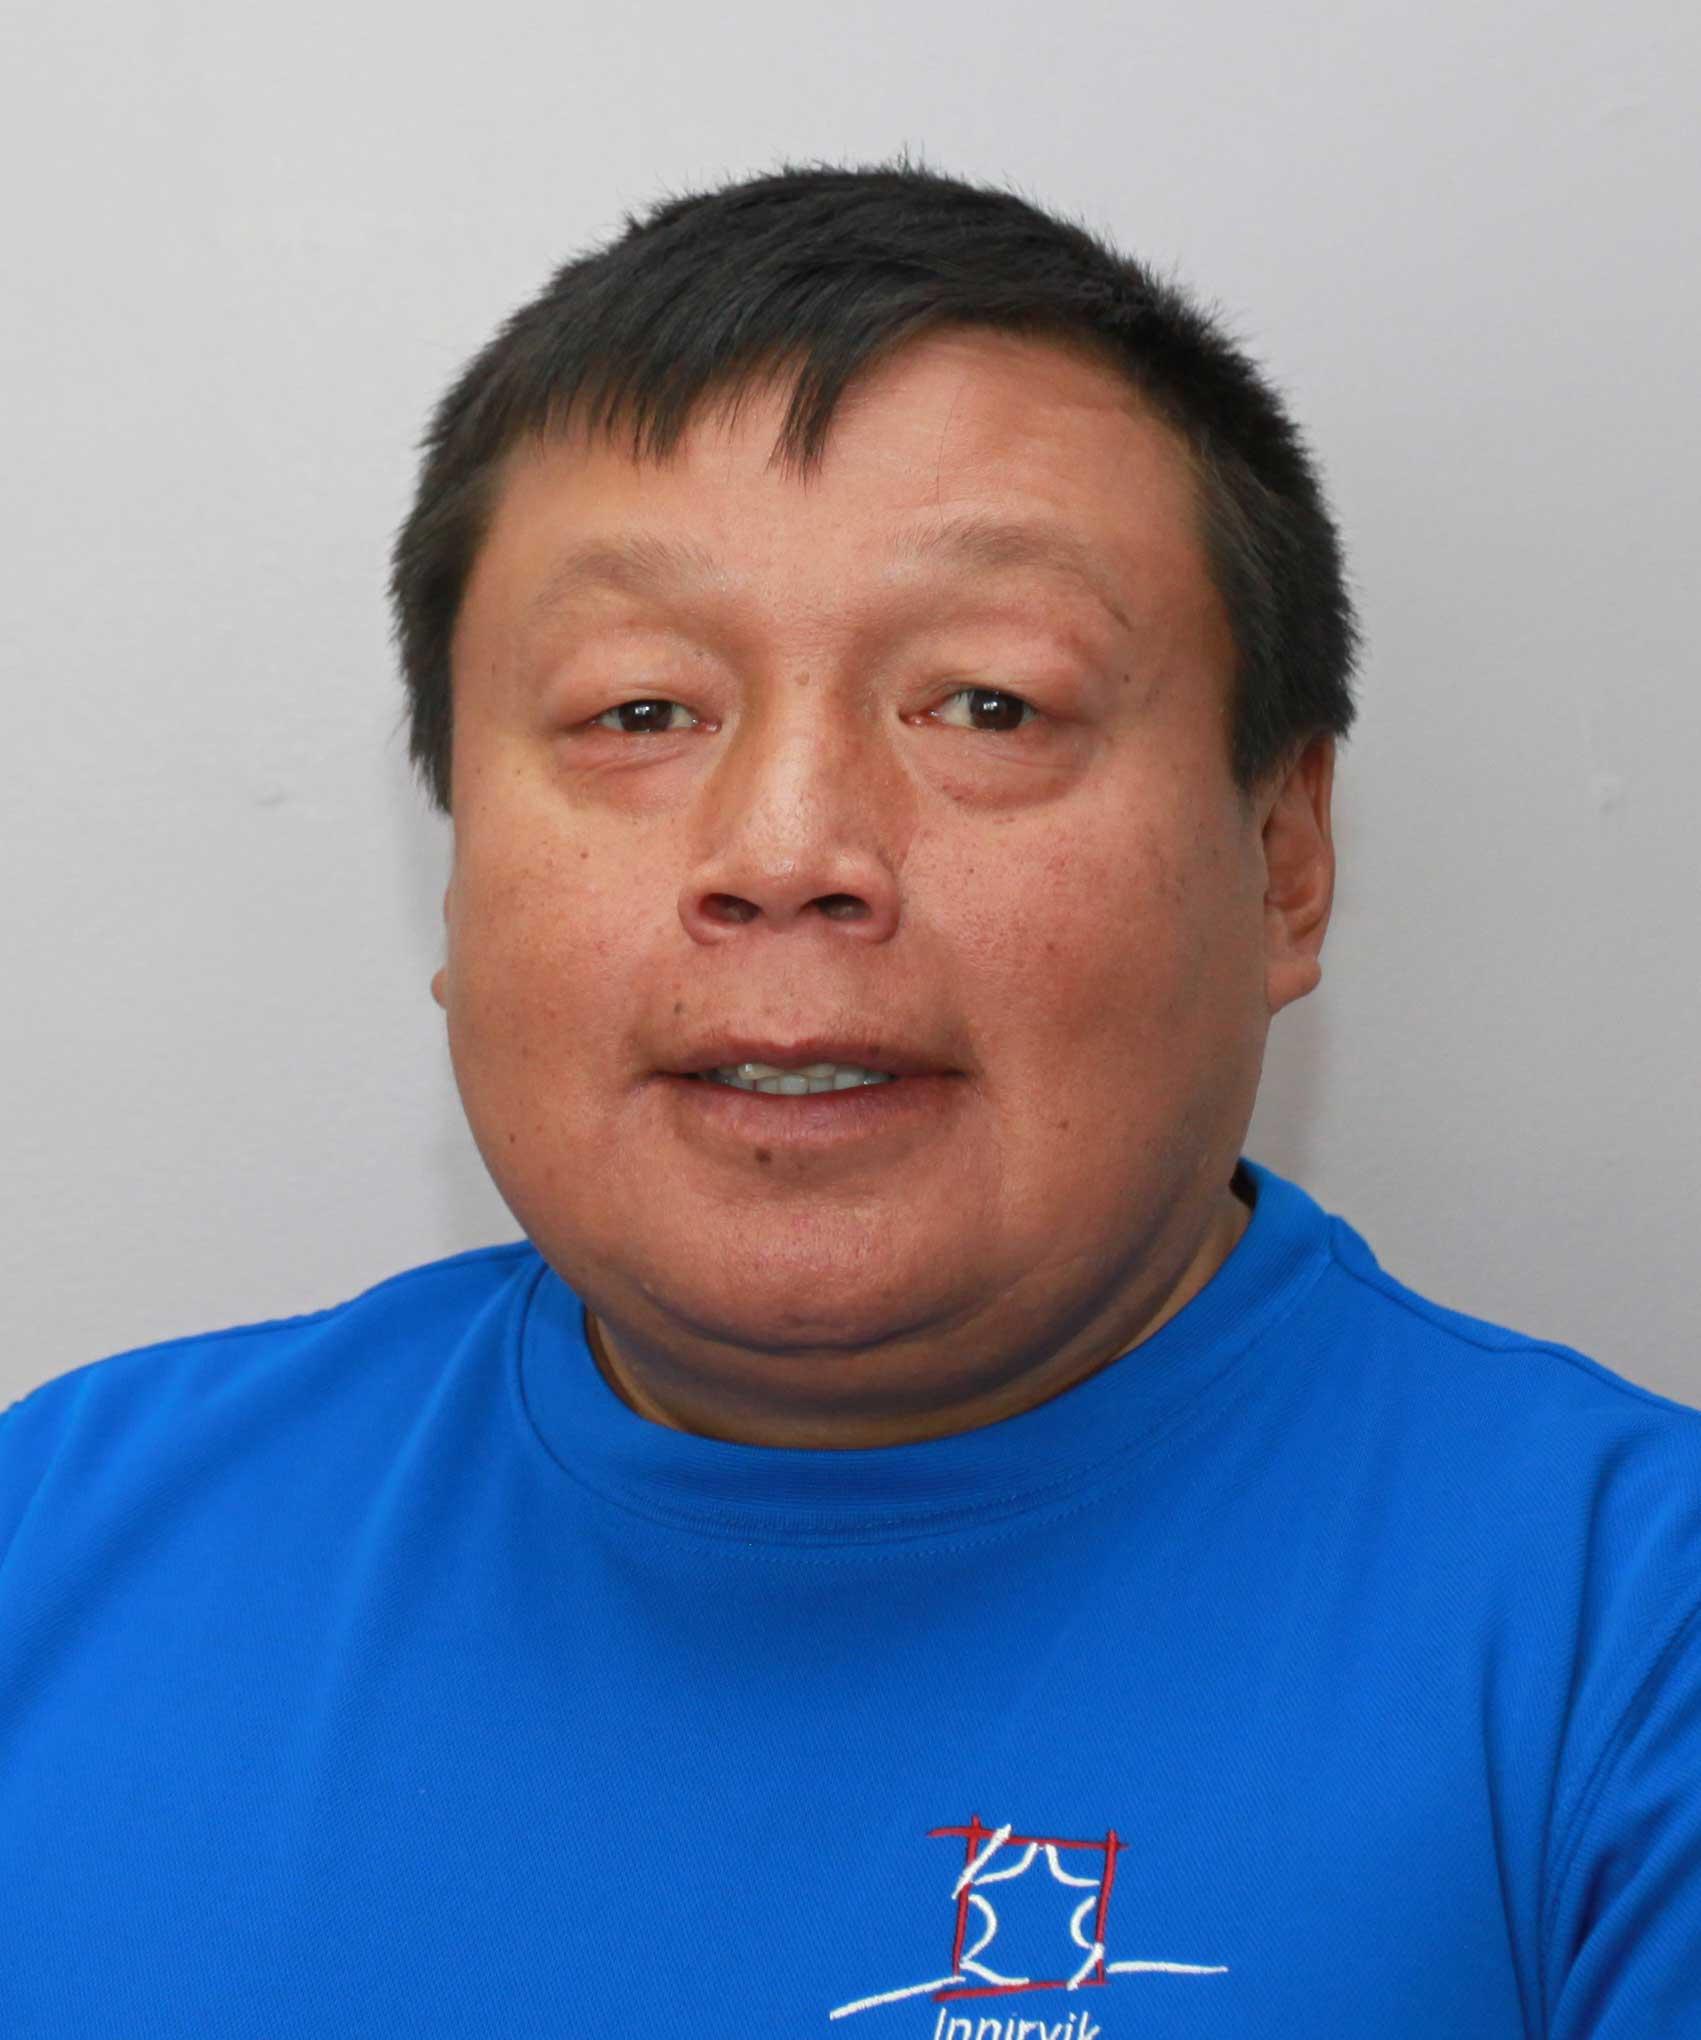 George Metuq